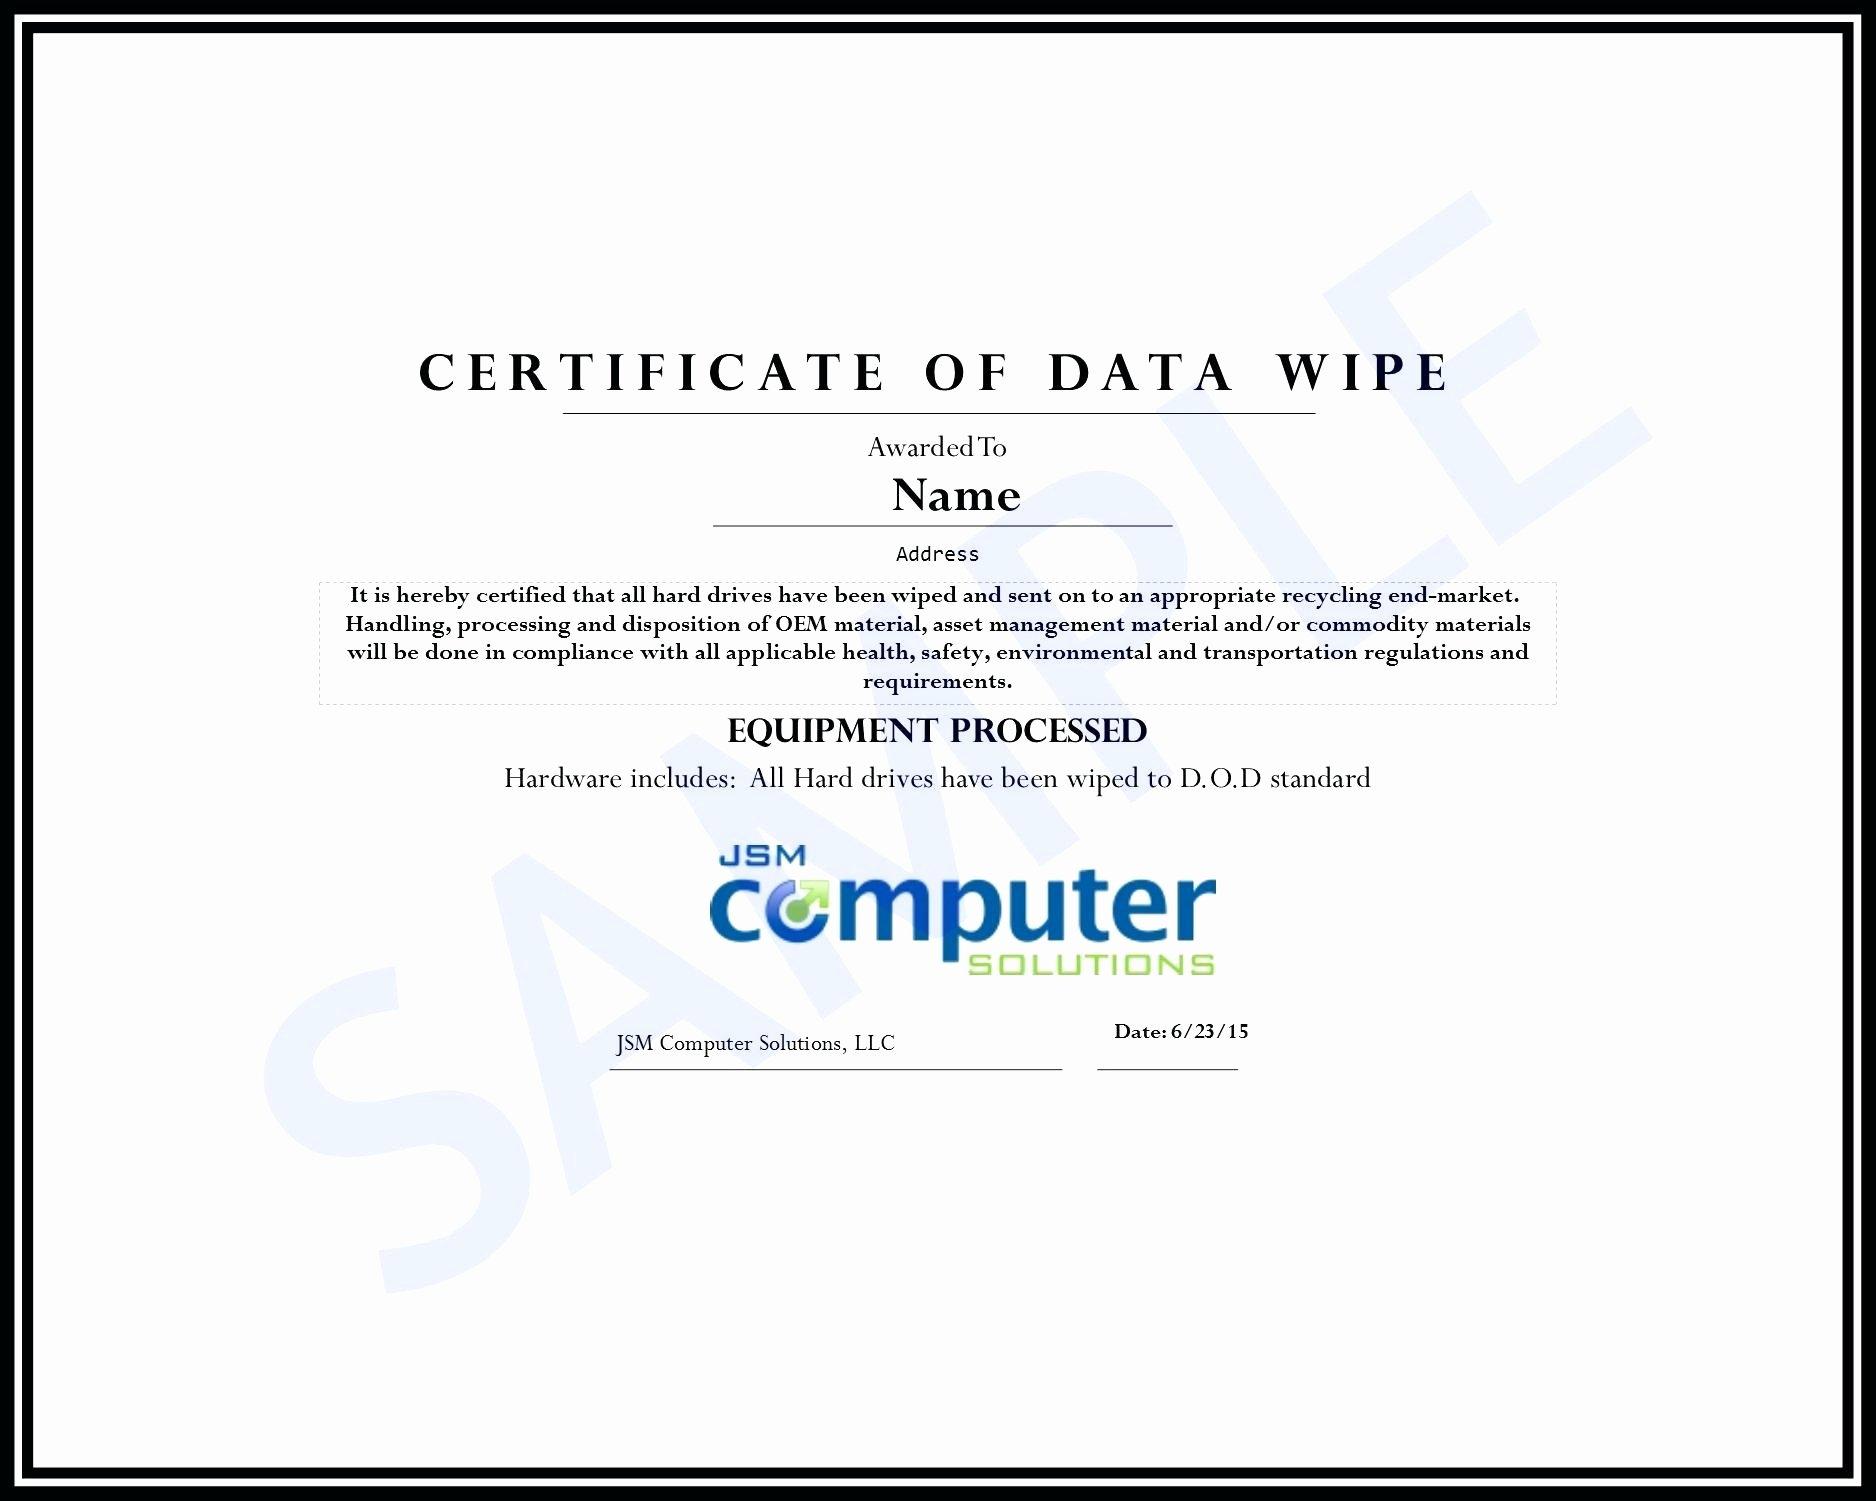 Hard Drive Destruction Certificate Template Awesome Hard Drive Certificate Destruction Template Certificate